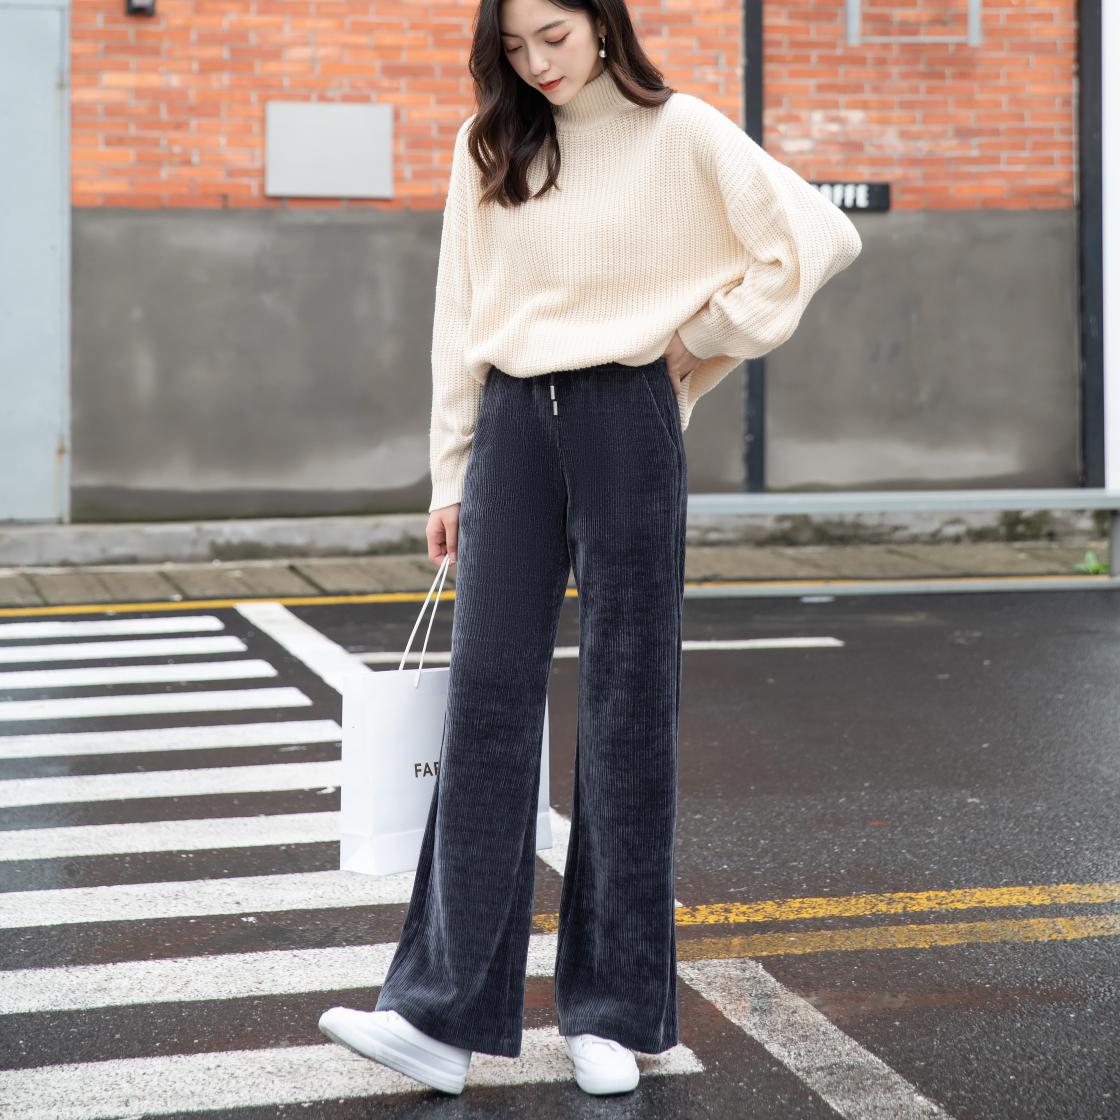 2082#珍珠雪尼尔面料柔软舒适纹理清晰视觉显瘦A字微喇裤型修身时尚拖地裤